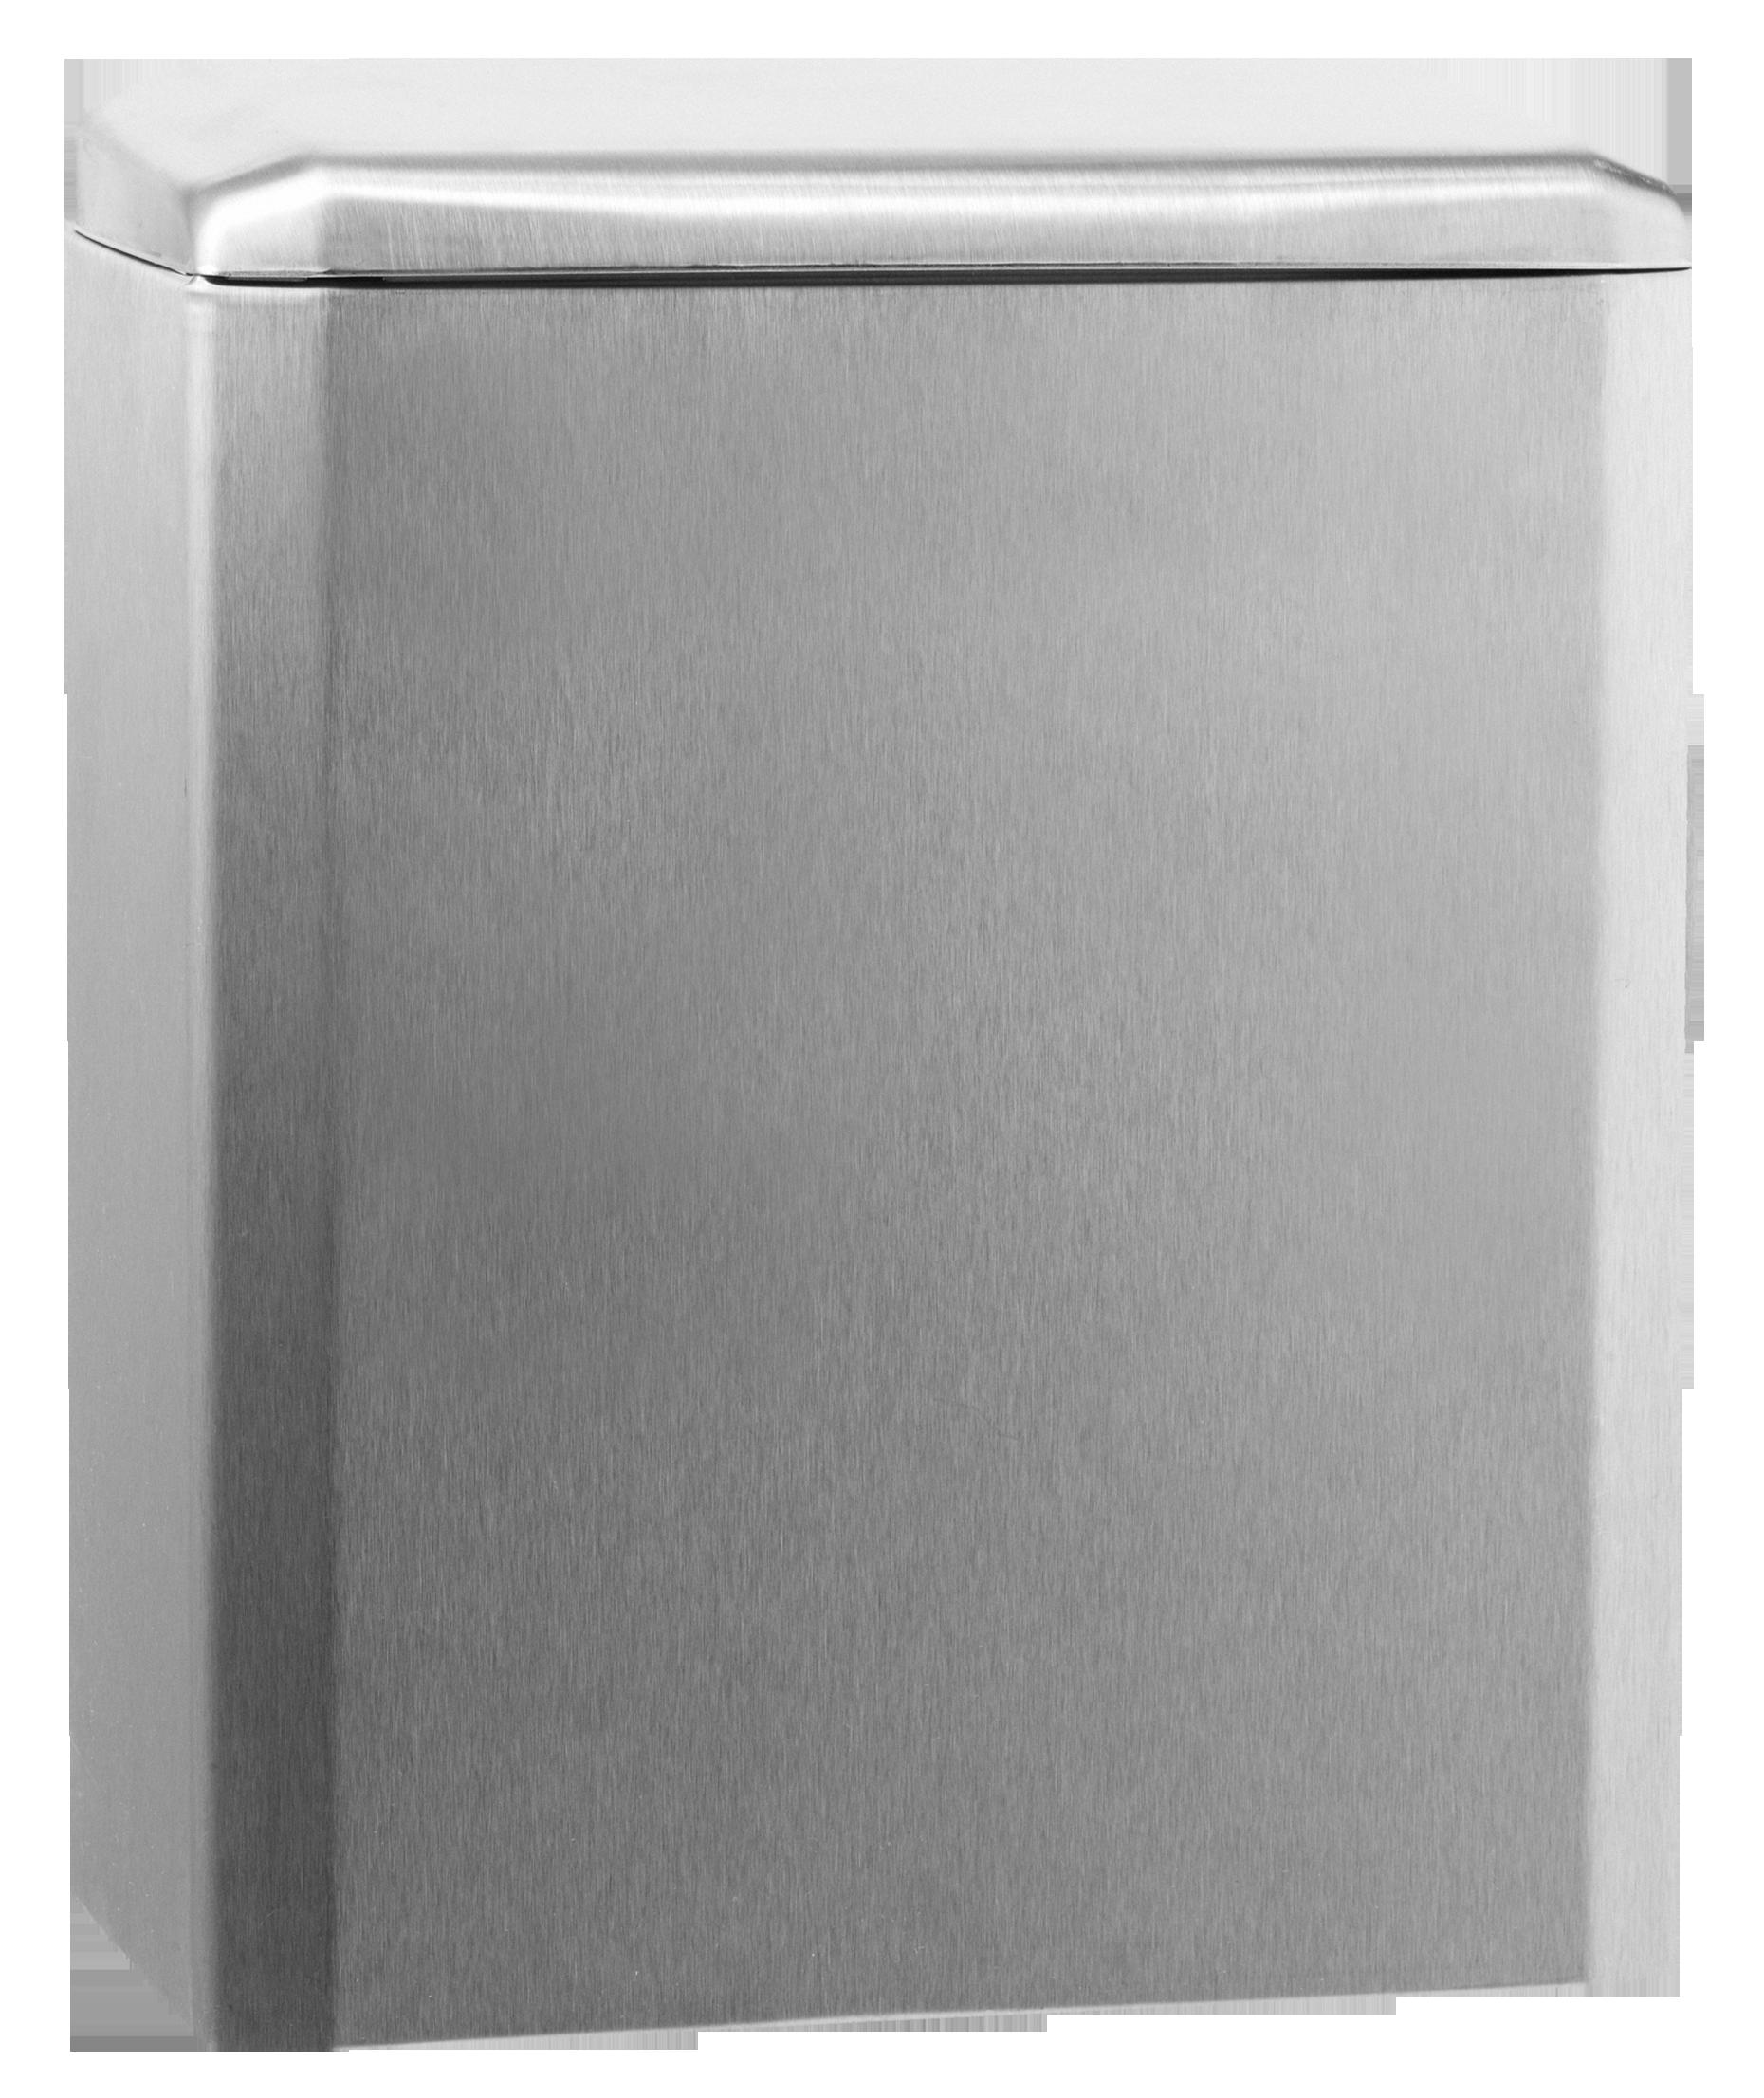 Katrin Hygiene Abfallbehälter 6 Liter stahl